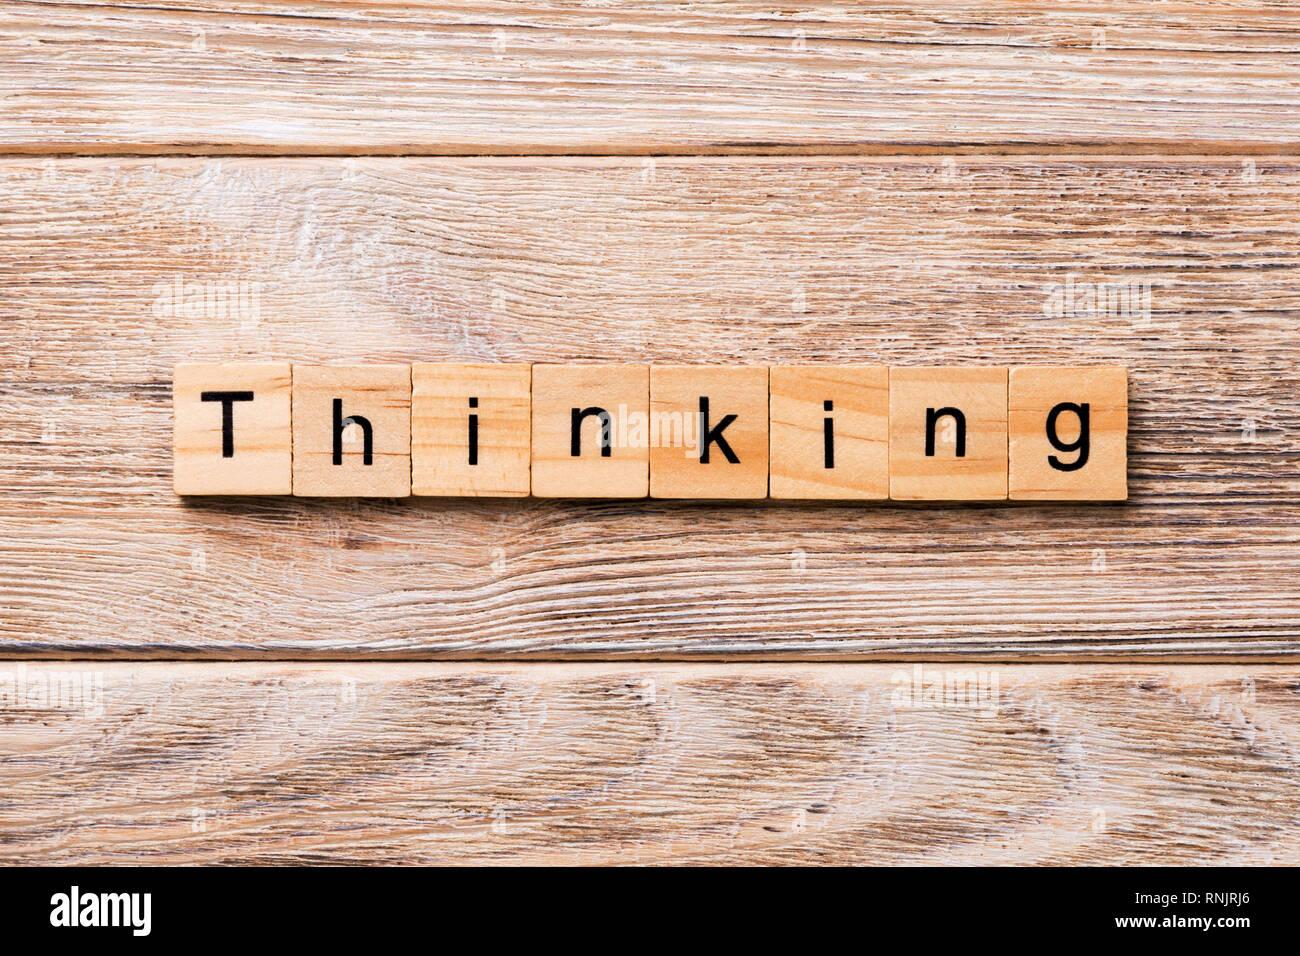 Pensando palabra escrita sobre un bloque de madera. Pensando en texto en tabla de madera para su diseño, concepto. Foto de stock